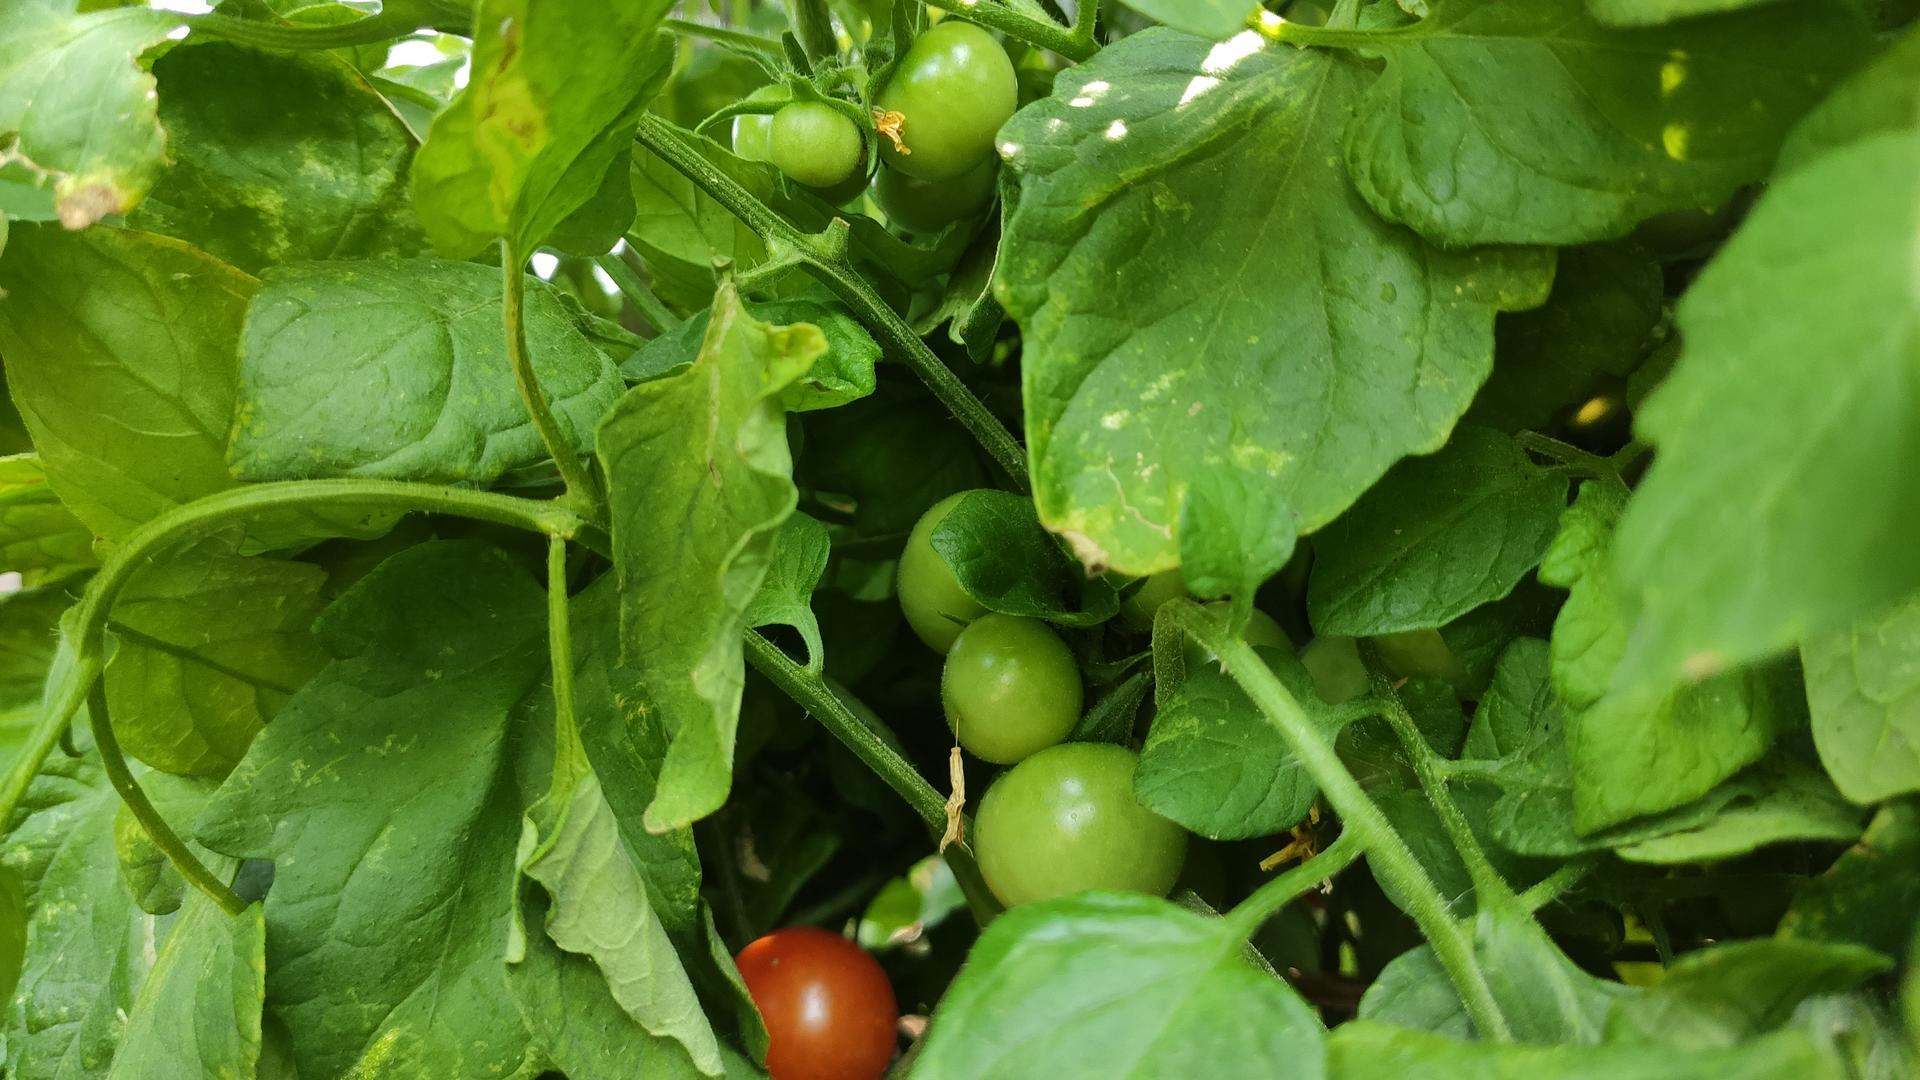 Vyvýšené záhony a úžitková záhrada - sezóna 2021 ... príprava, sadenie, starostlivosť - Obrázok č. 64